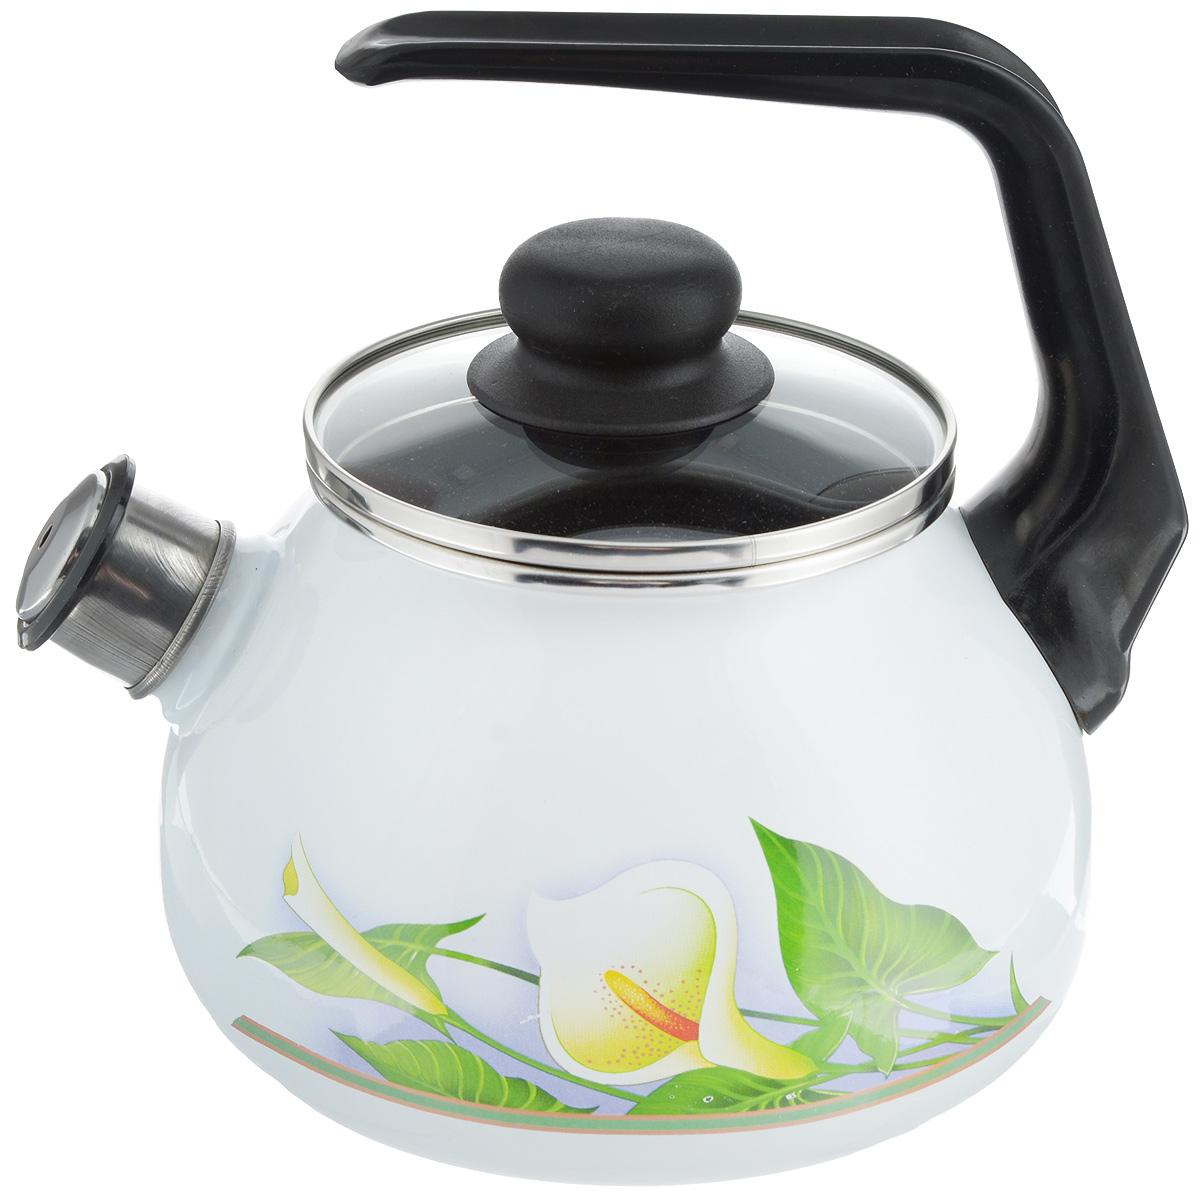 Чайник эмалированный СтальЭмаль Каллы, со свистком, 2 л4с210/яЧайник СтальЭмаль Каллы выполнен из высококачественного стального проката, покрытого двумя слоями жаропрочной эмали. Такое покрытие защищает сталь от коррозии, придает посуде гладкую стекловидную поверхность и надежно защищает от кислот и щелочей. Носик чайника оснащен свистком, звуковой сигнал которого подскажет, когда закипит вода. Чайник оснащен фиксированной ручкой из пластика и стеклянной крышкой, которая плотно прилегает к краю благодаря особой конструкции. Внешние стенки декорированы красочным цветочным рисунком. Эстетичный и функциональный чайник будет оригинально смотреться в любом интерьере. Подходит для газовых, электрических, стеклокерамических и индукционных плит. Можно мыть в посудомоечной машине. Диаметр (по верхнему краю): 12,5 см. Высота чайника (с учетом ручки): 21 см. Высота чайника (без учета ручки и крышки): 12,5 см.